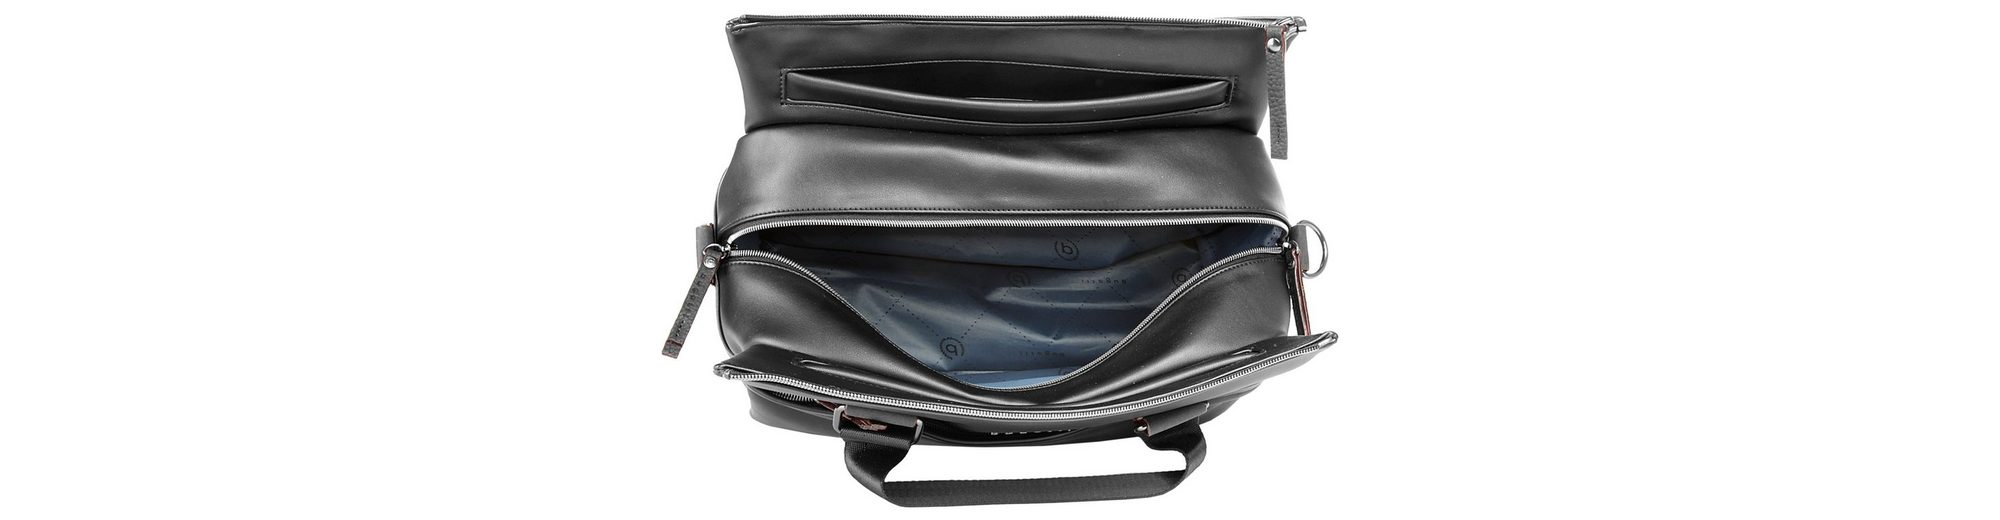 Bugatti Handtasche SENSO RFID Günstiger Versand zgro0BgB3h